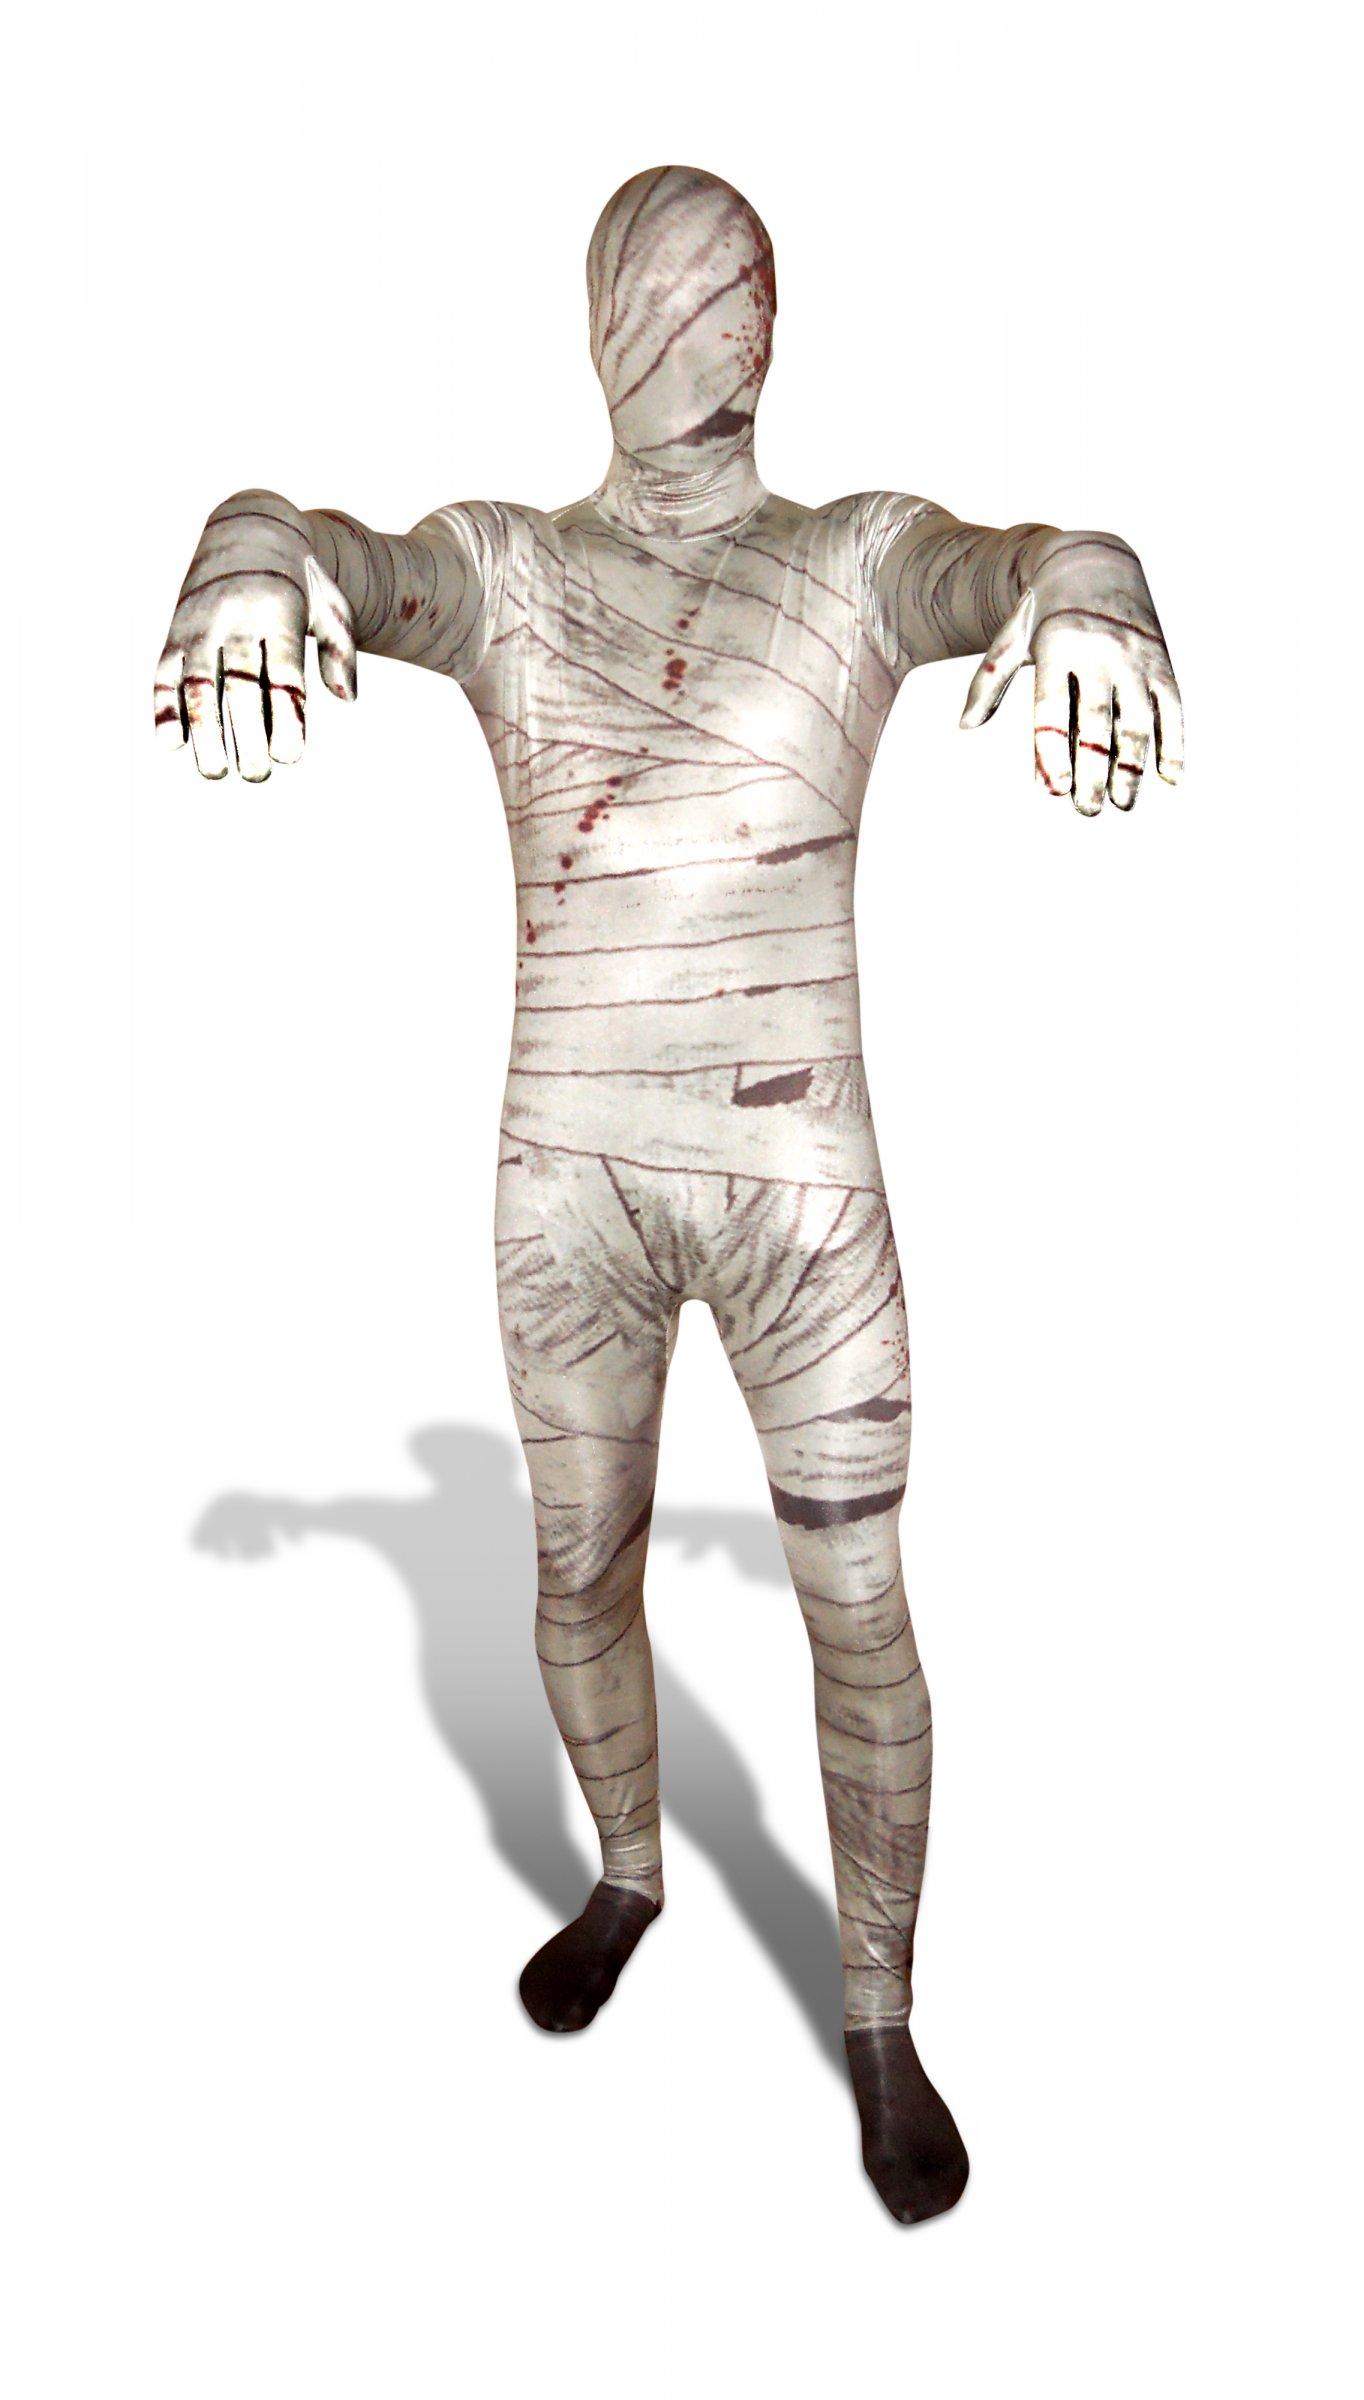 d guisement morphsuits momie d guisement zentai seconde peau costume halloween pas cher. Black Bedroom Furniture Sets. Home Design Ideas